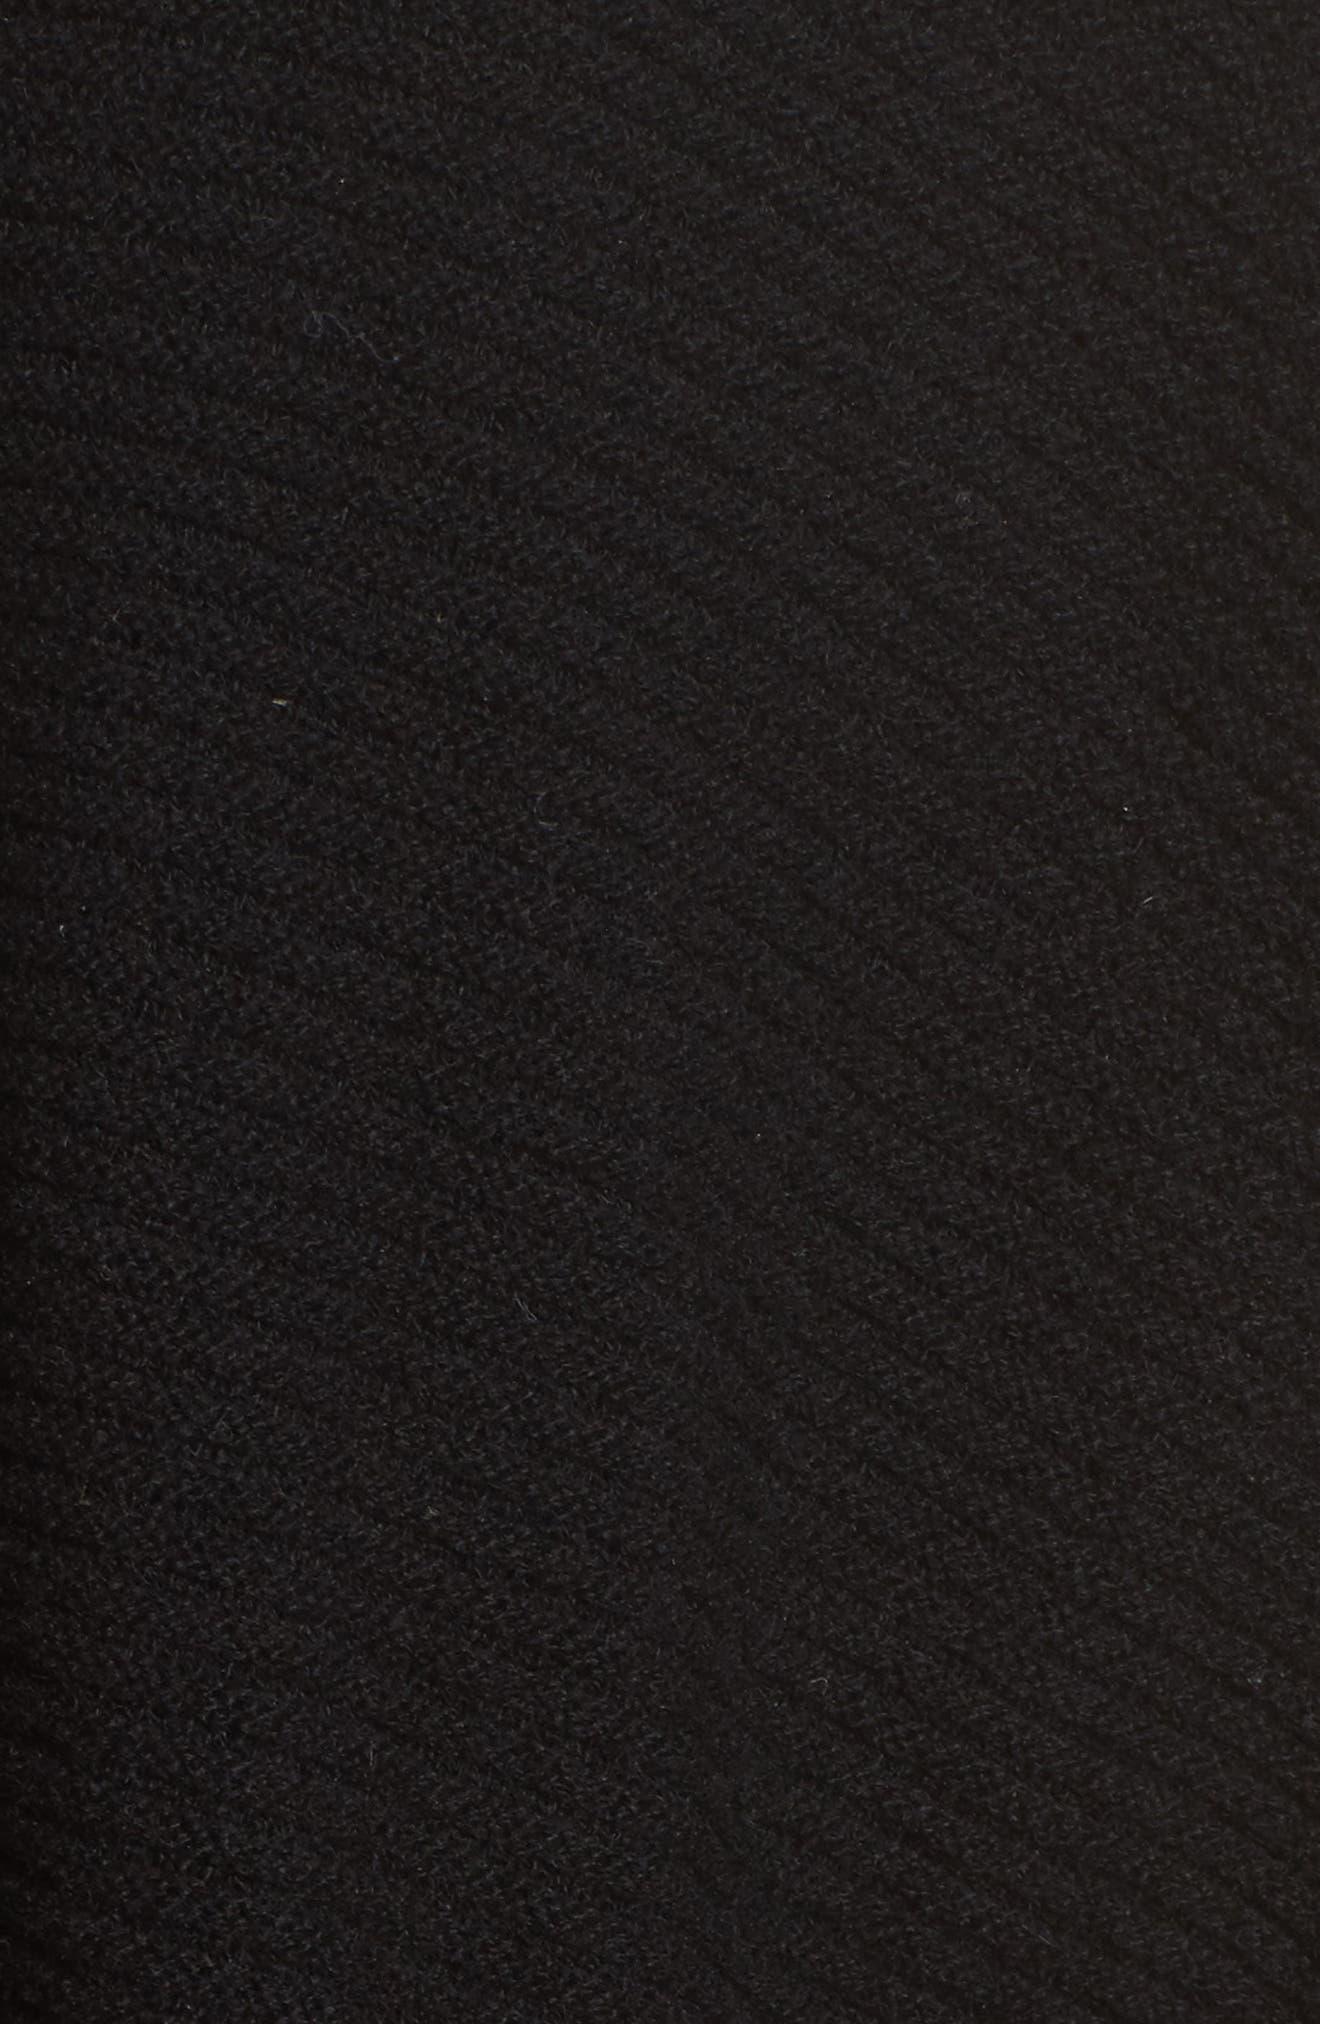 Cashmere Wrap,                             Alternate thumbnail 3, color,                             Black